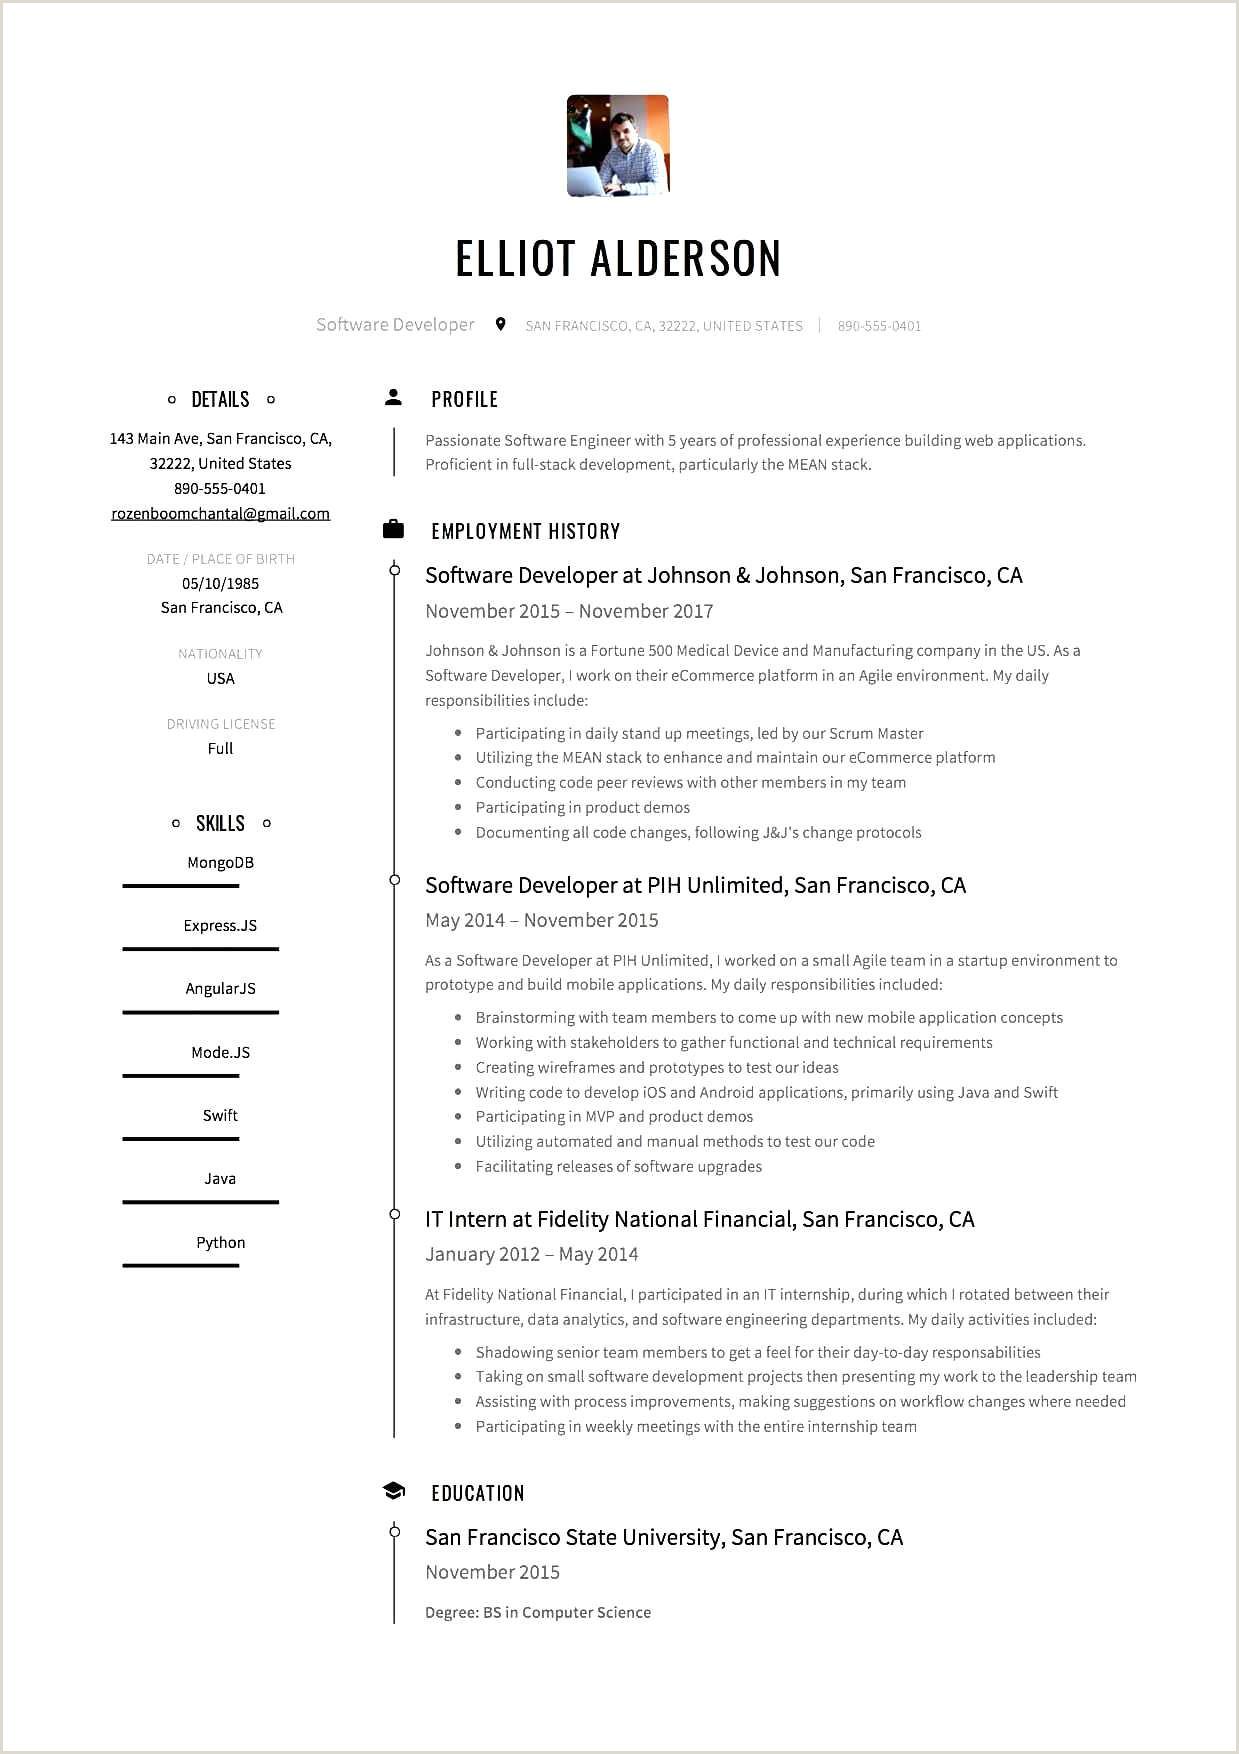 Elliot Alderson Software Developer Resume Sample1 – Mary